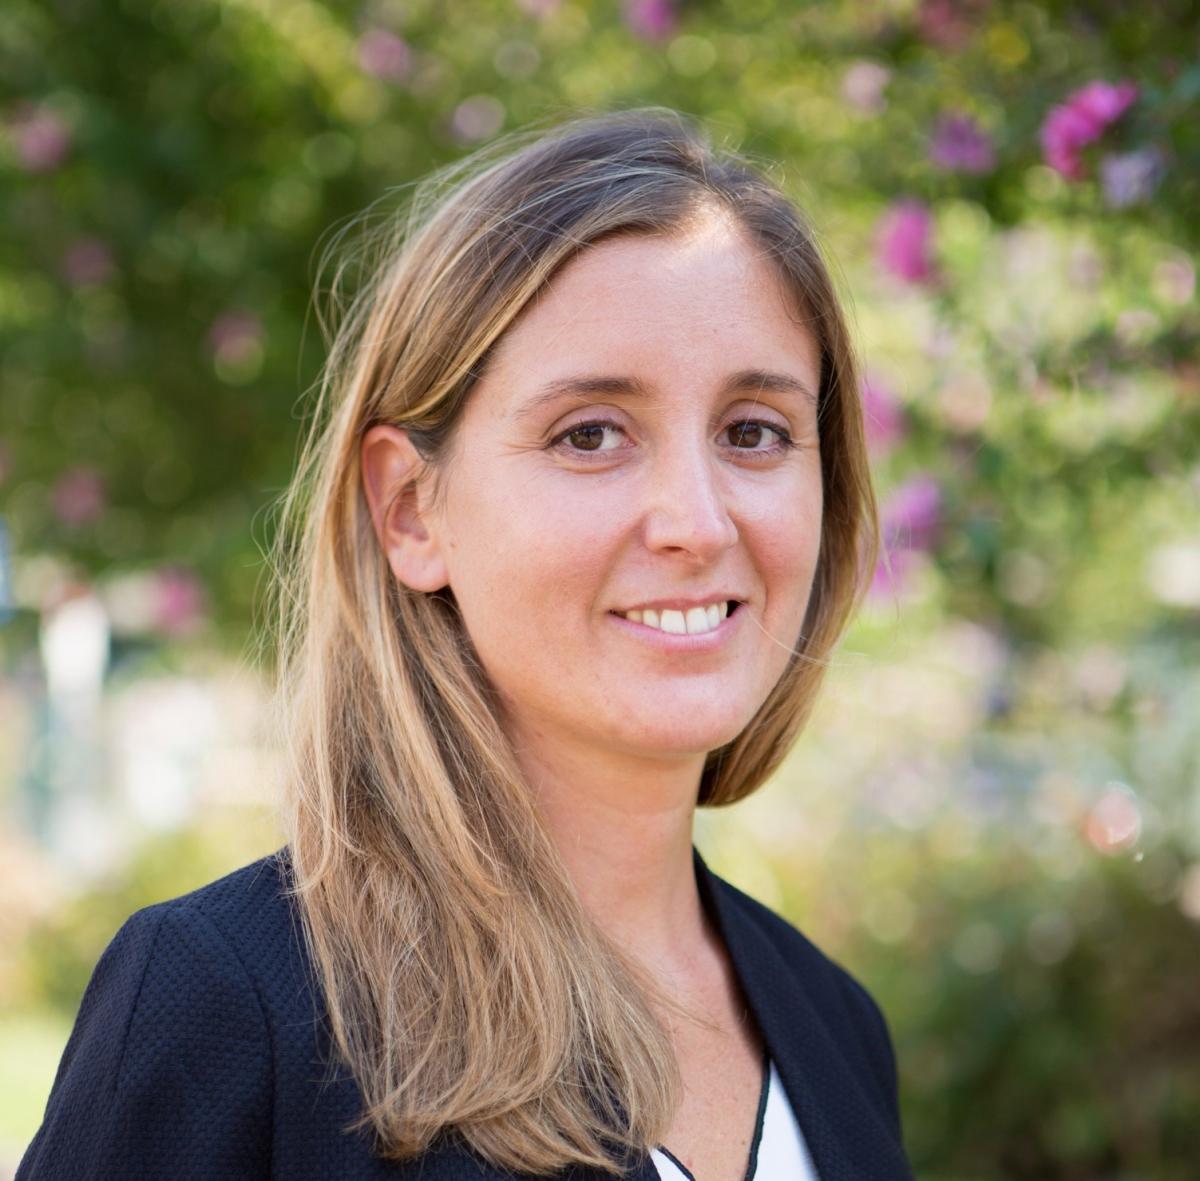 Silvia Espinoza